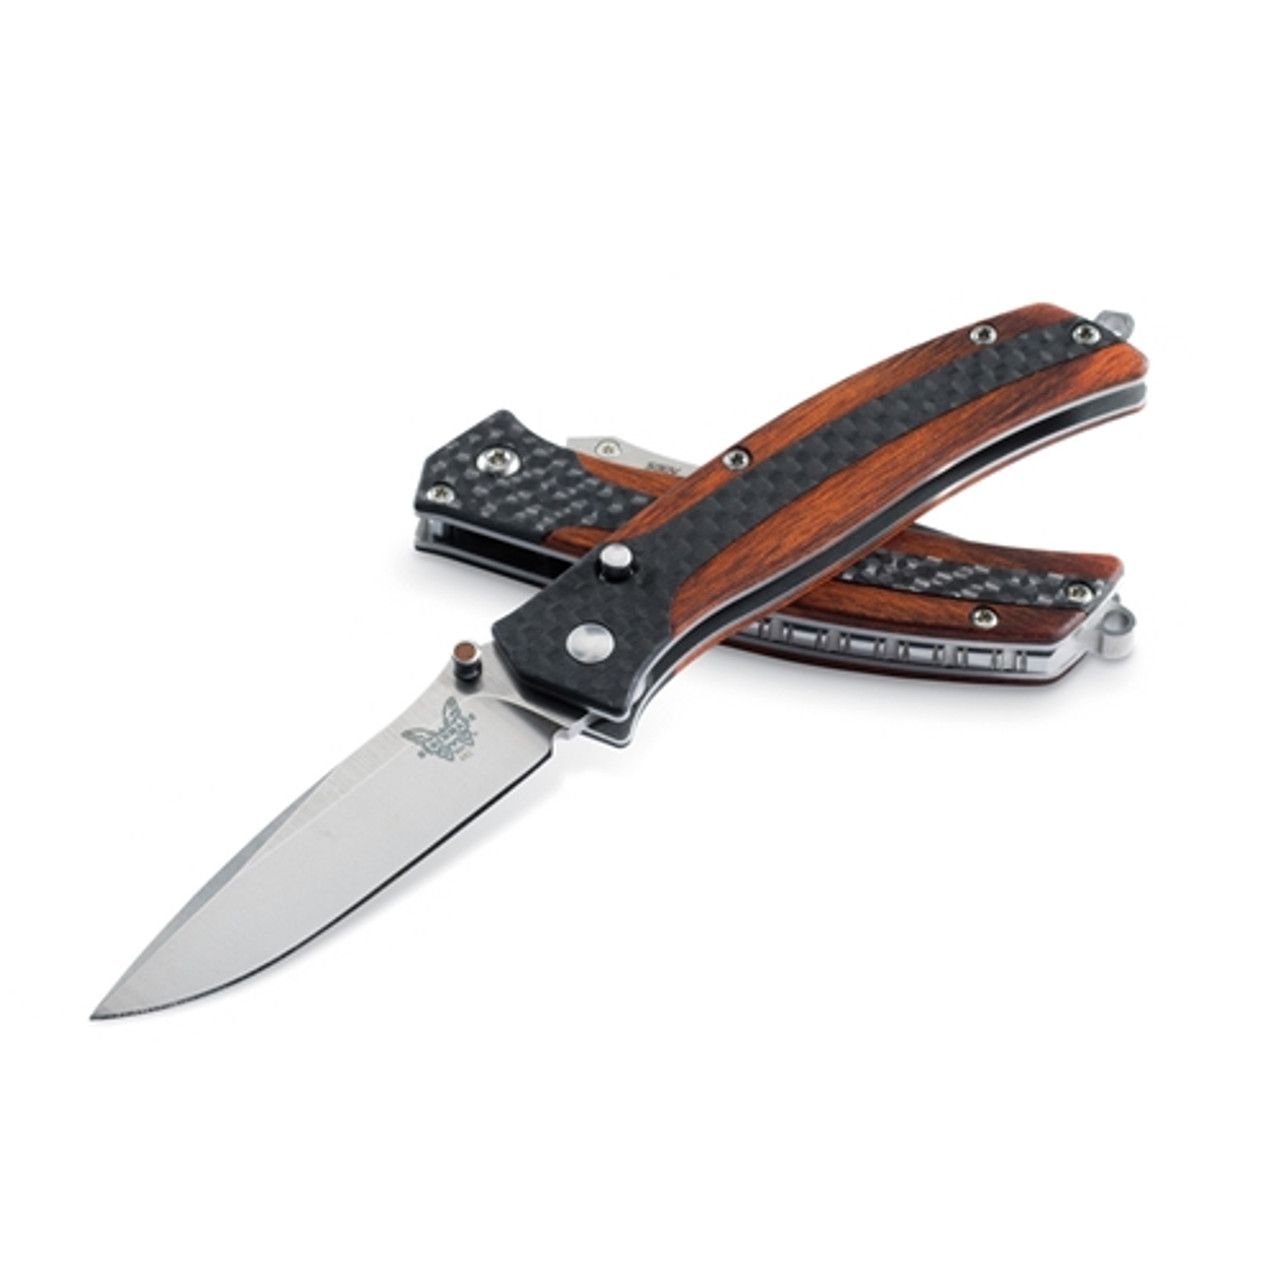 Benchmade 482 Megumi Carbon Fiber/Cocobolo Folder Knife, CPM-S30V Satin Blade